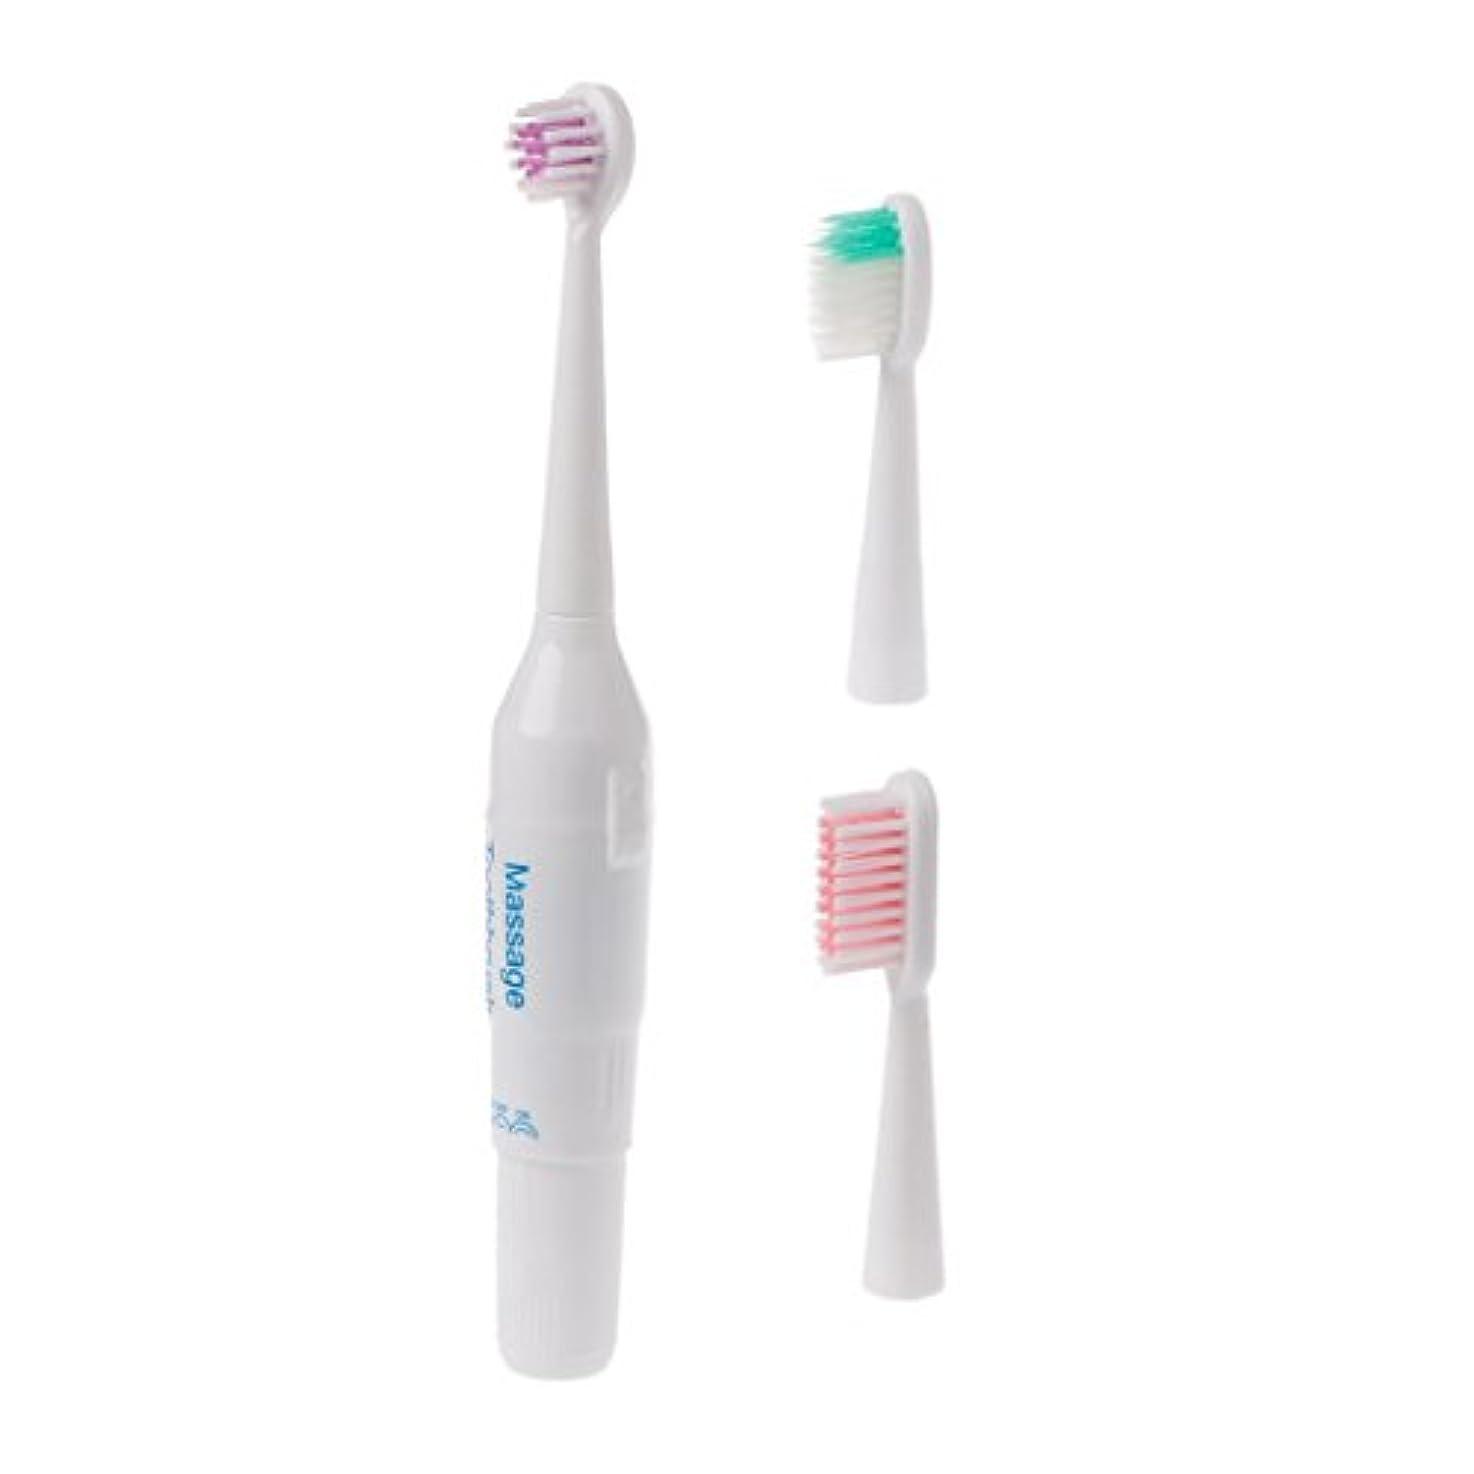 締め切り生命体不名誉Manyao キッズプロフェッショナル口腔ケアクリーン電気歯ブラシパワーベビー用歯ブラシ